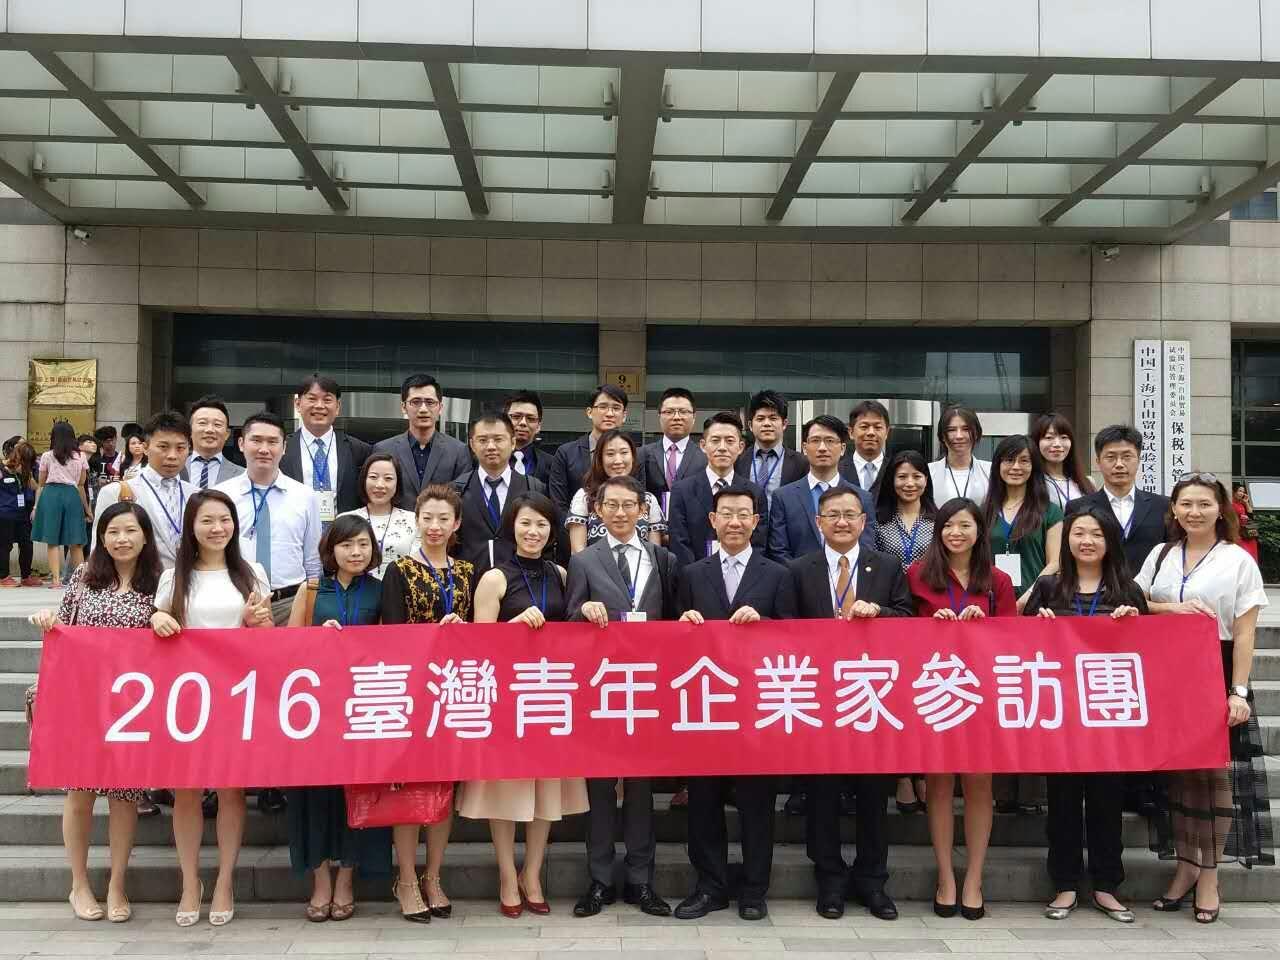 机电商会组织台湾青年企业家赴上海等地参访交流